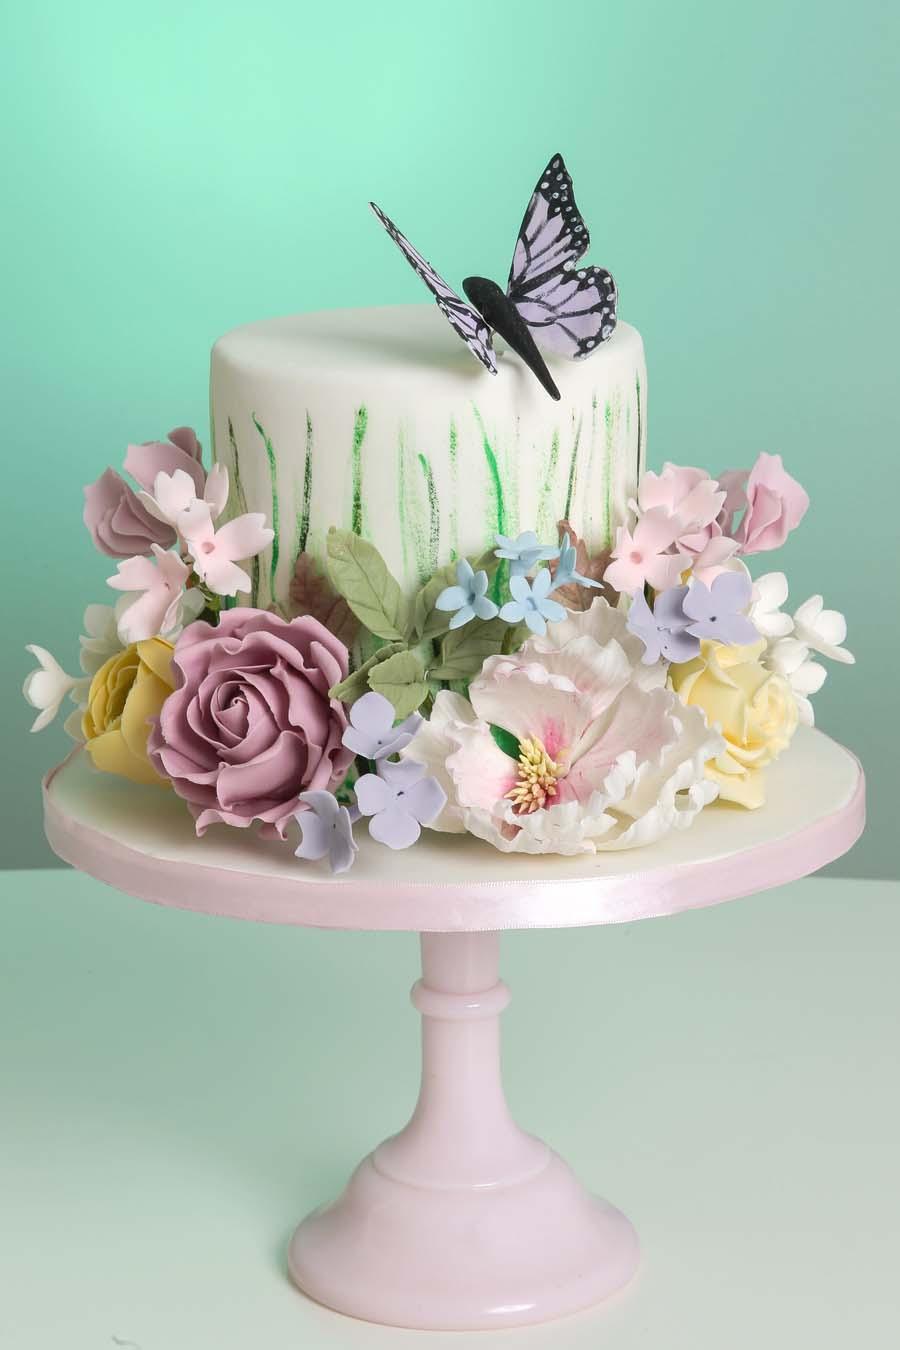 elizabeth's cake emporium08